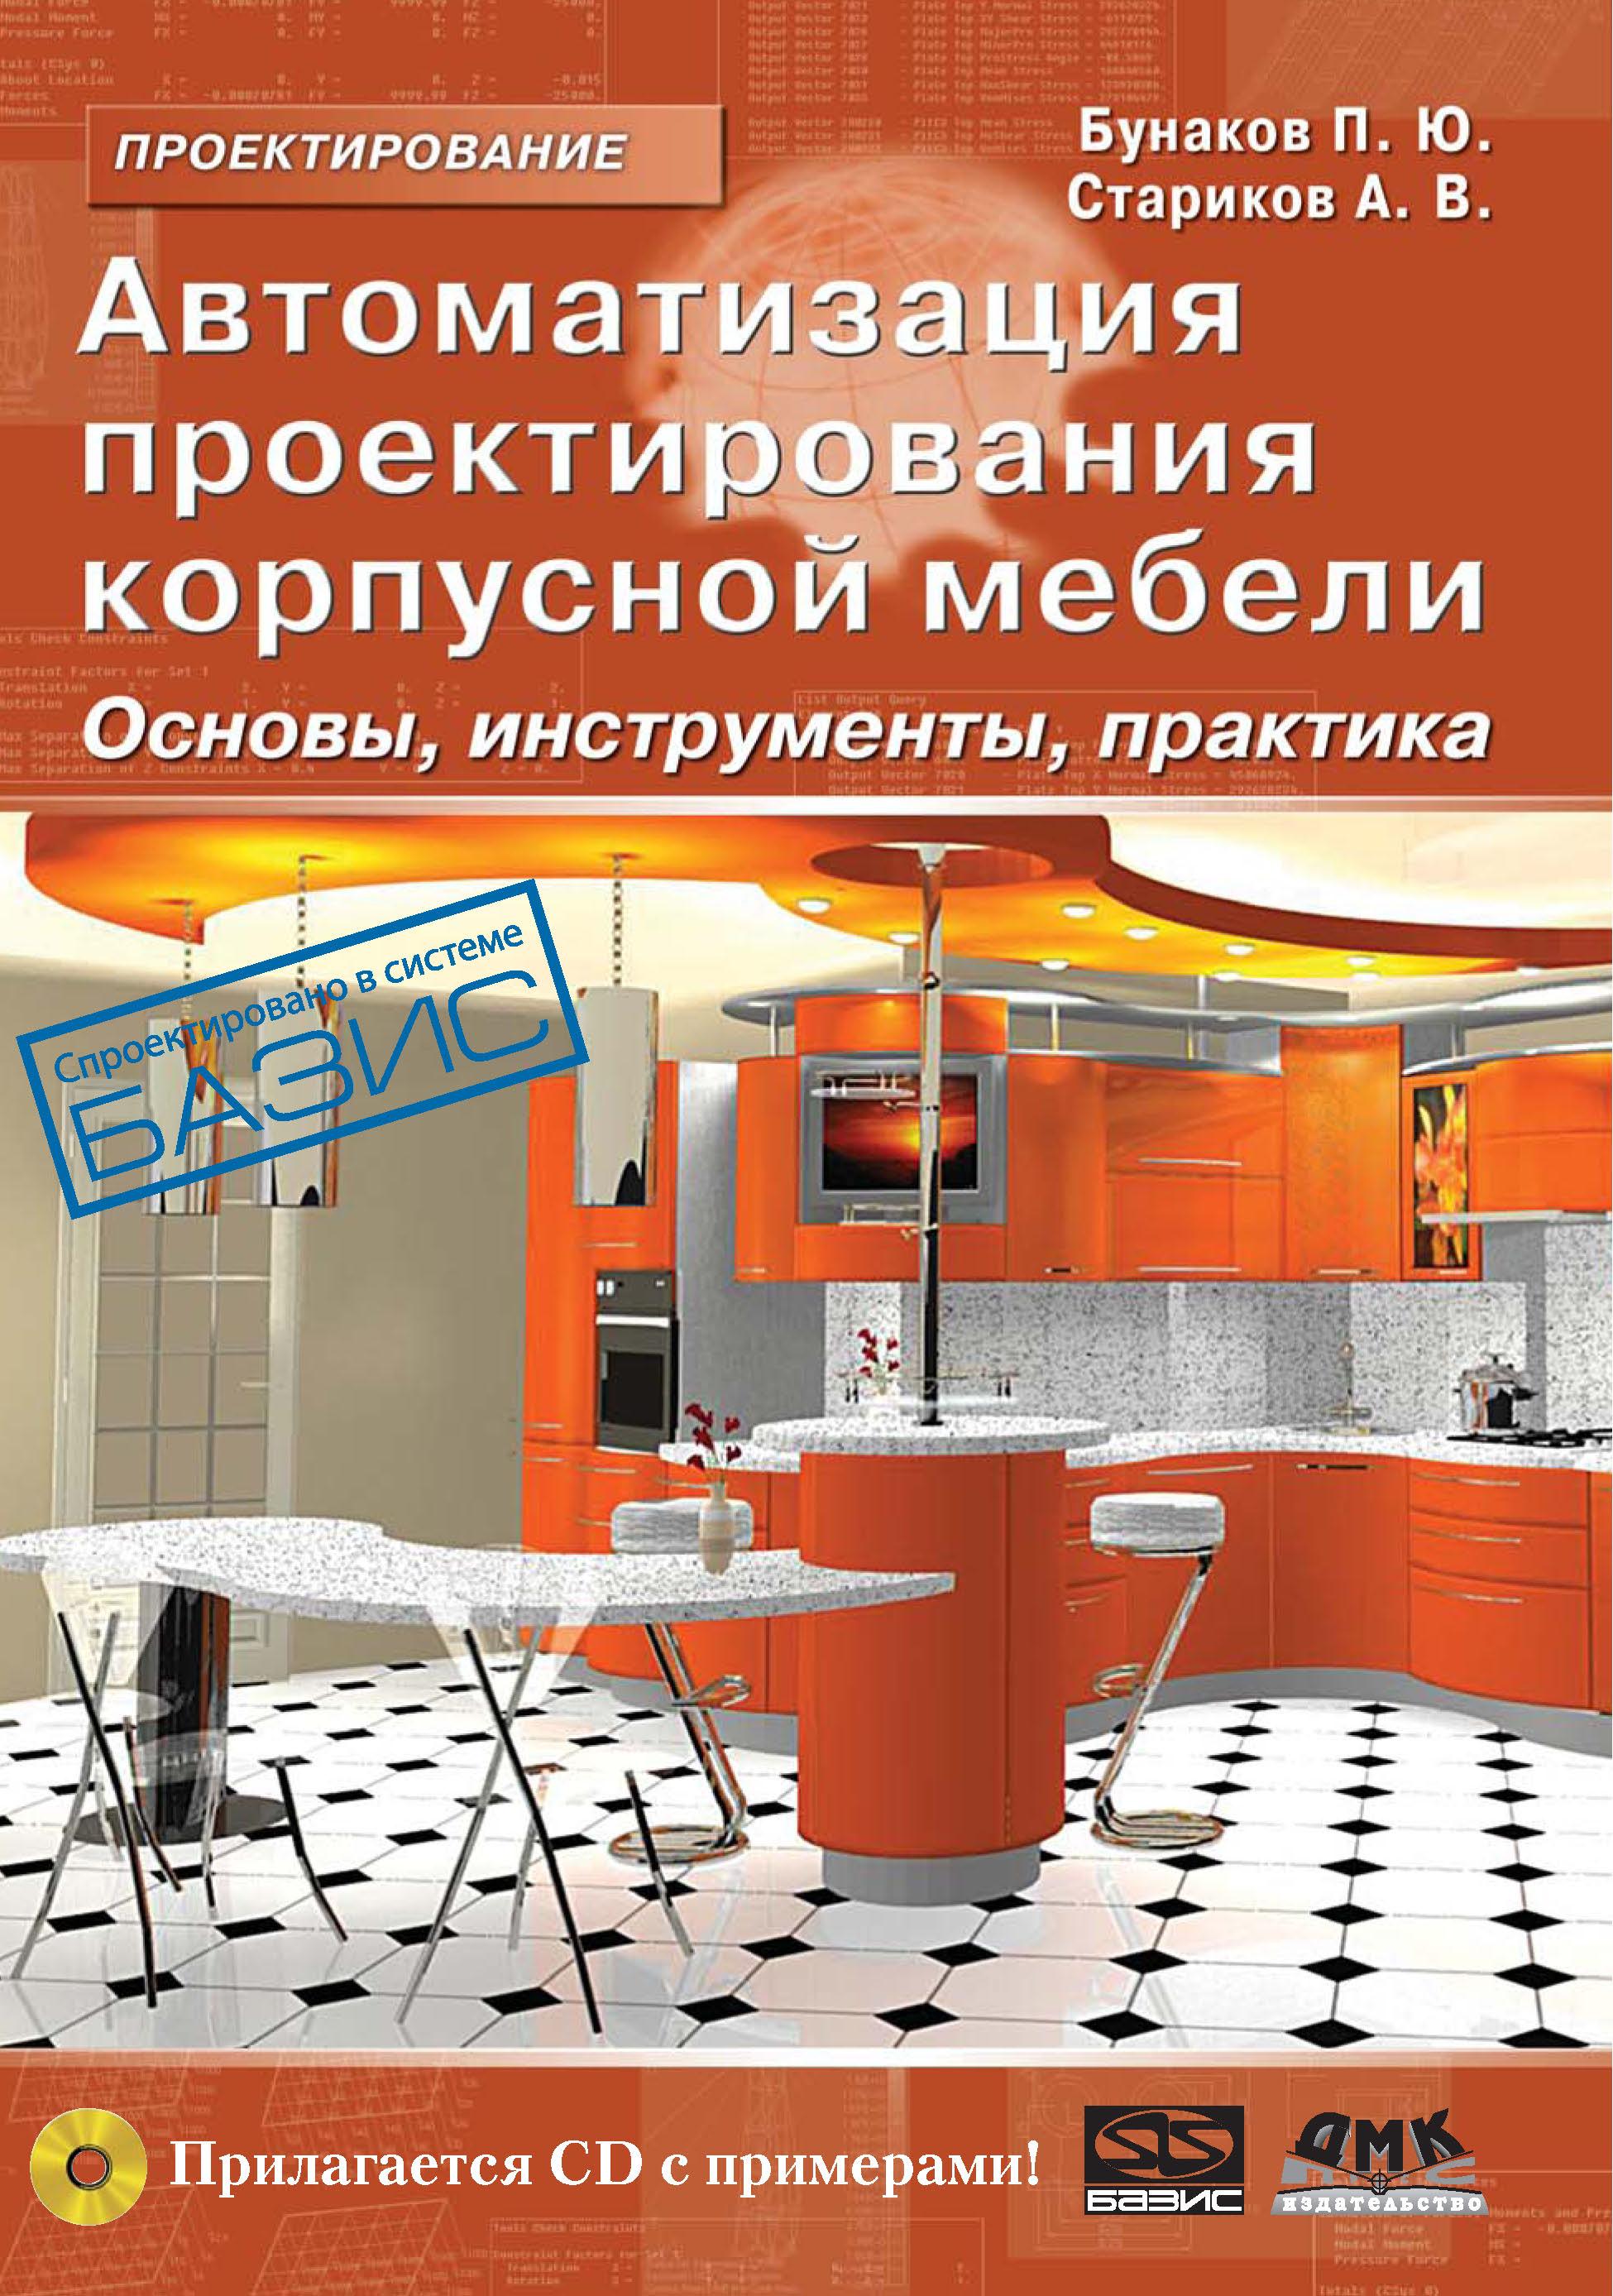 П. Ю. Бунаков Автоматизация проектирования корпусной мебели: основы, инструменты, практика комплектующие для корпусной мебели